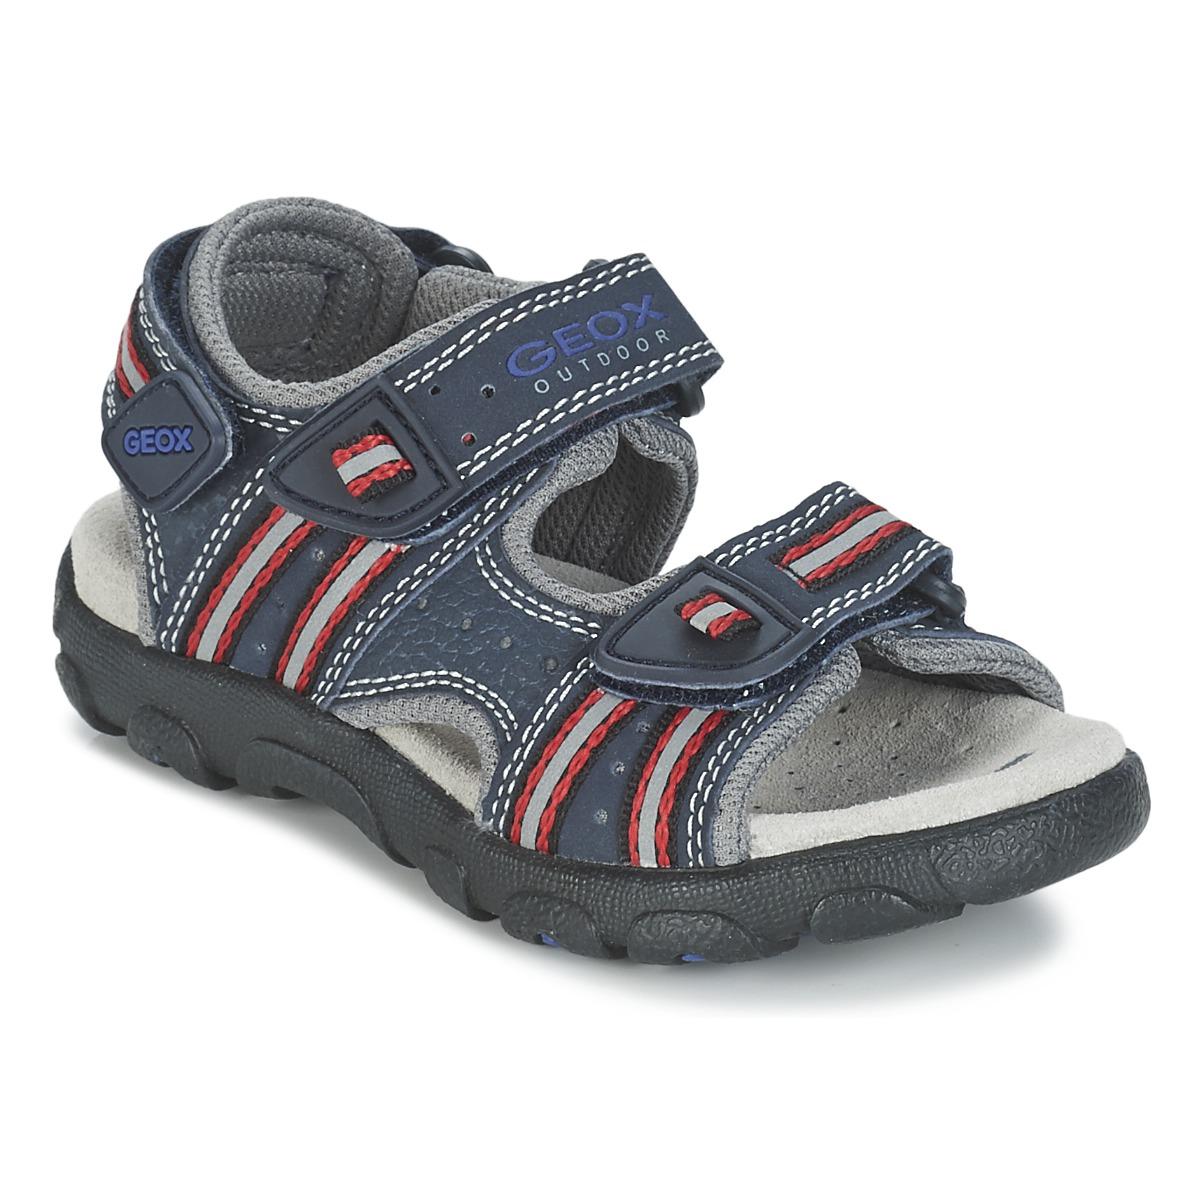 Geox SSTRADA A Marine / Rot - Kostenloser Versand bei Spartoode ! - Schuhe Sportliche Sandalen Kind 49,99 €